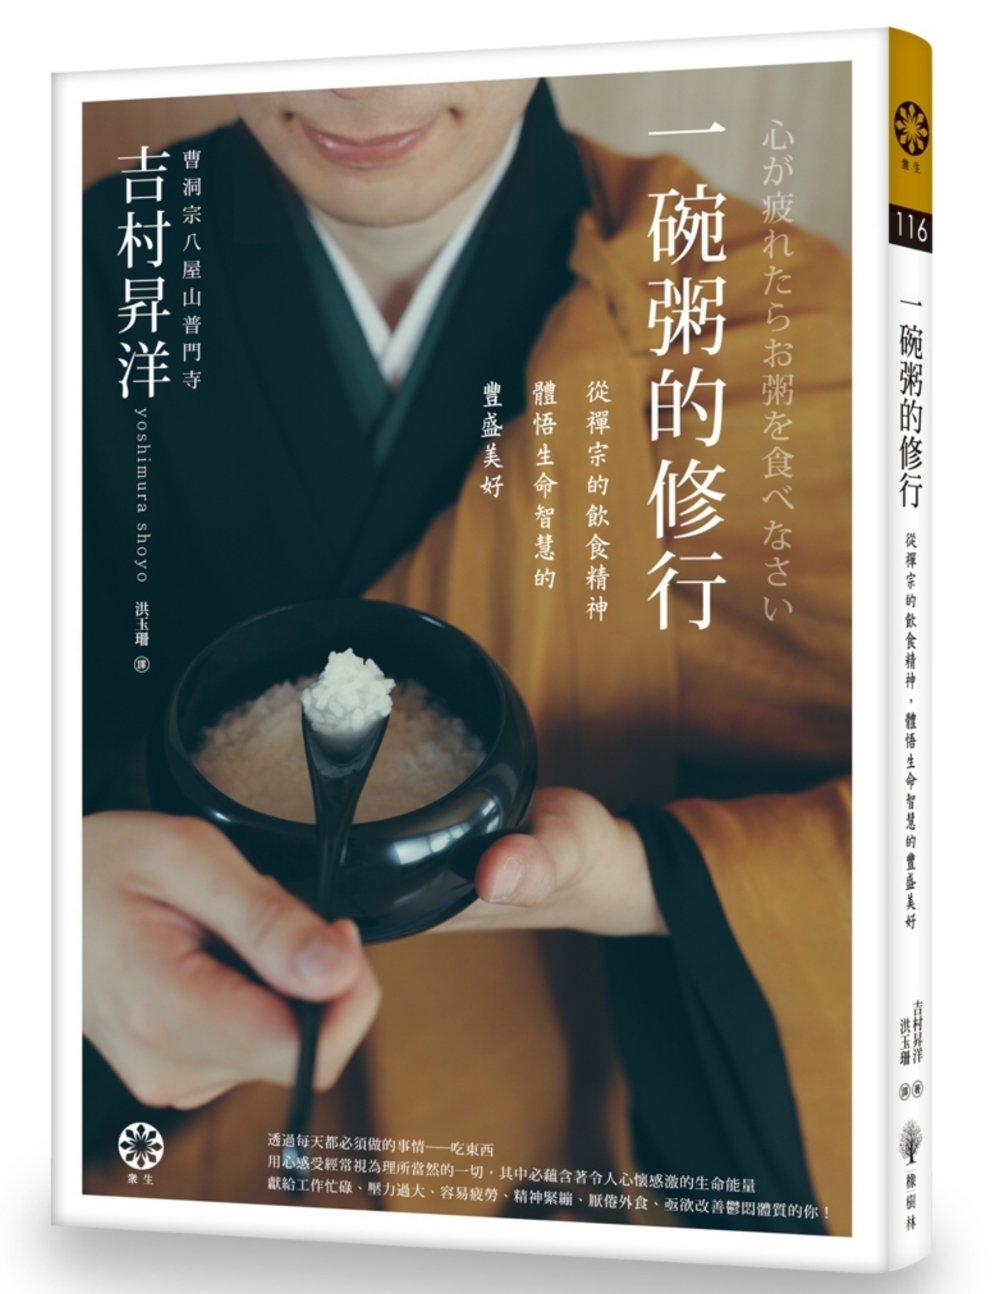 一碗粥的修行:從禪宗的飲食精神,體悟生命智慧的豐盛美好